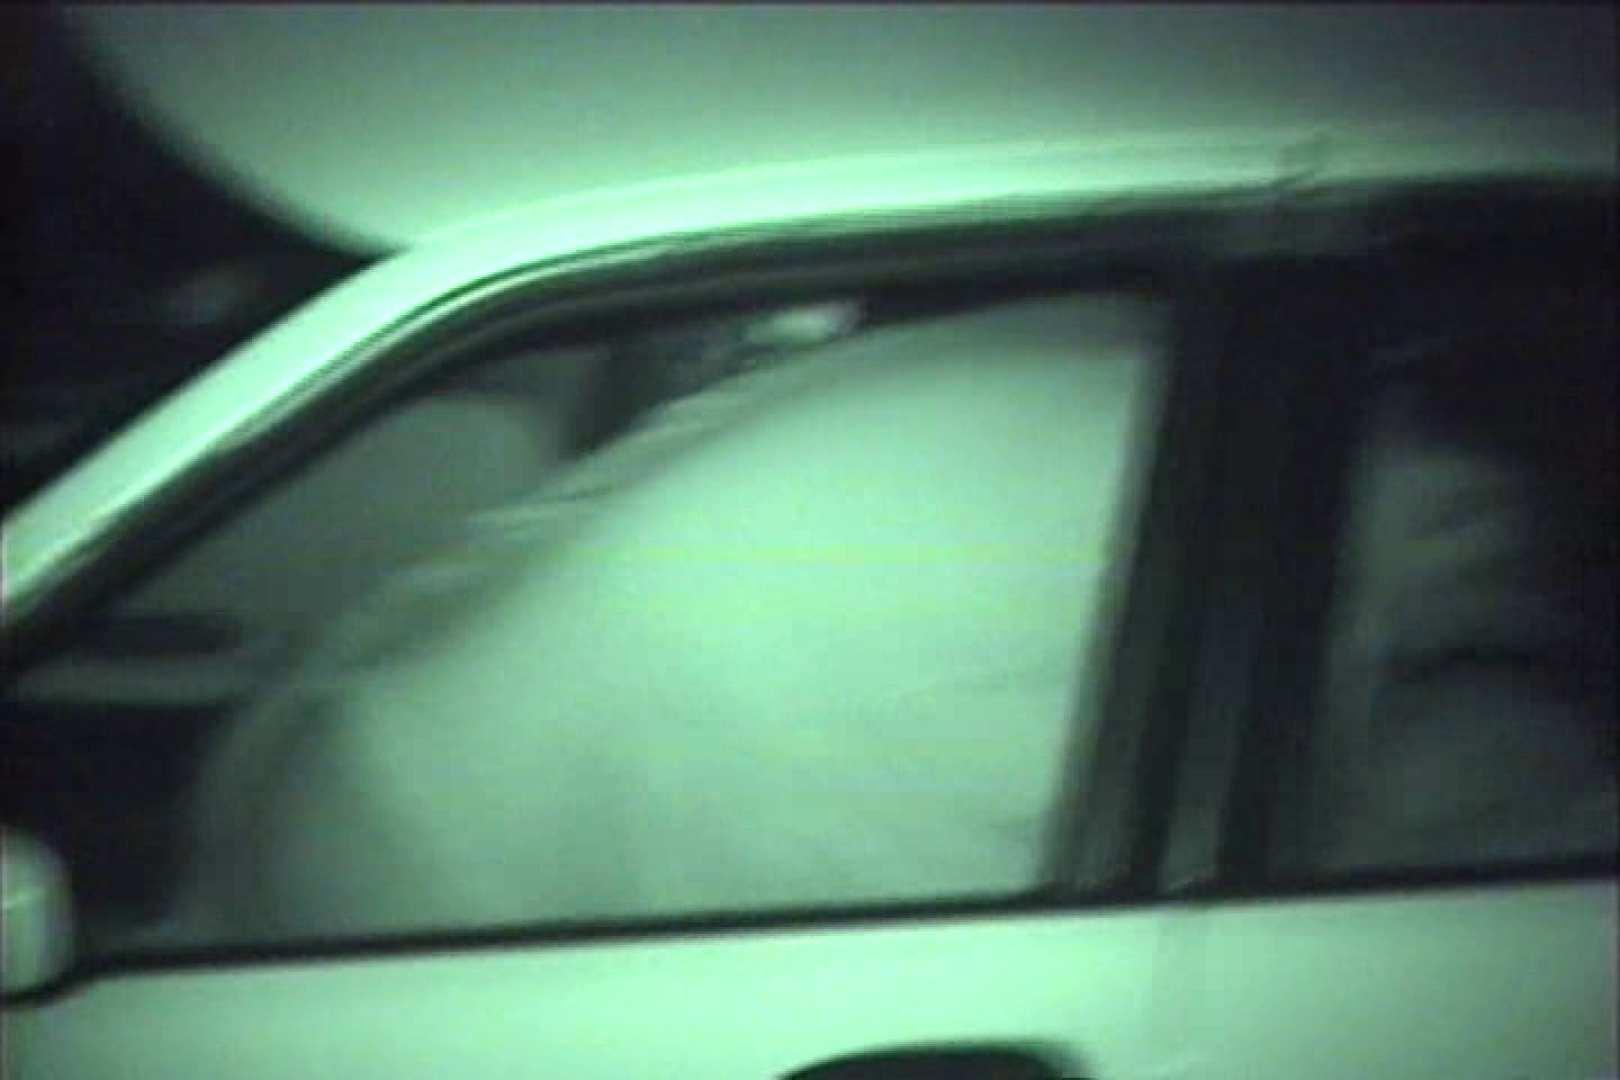 車の中はラブホテル 無修正版  Vol.17 0 | 0  98画像 81